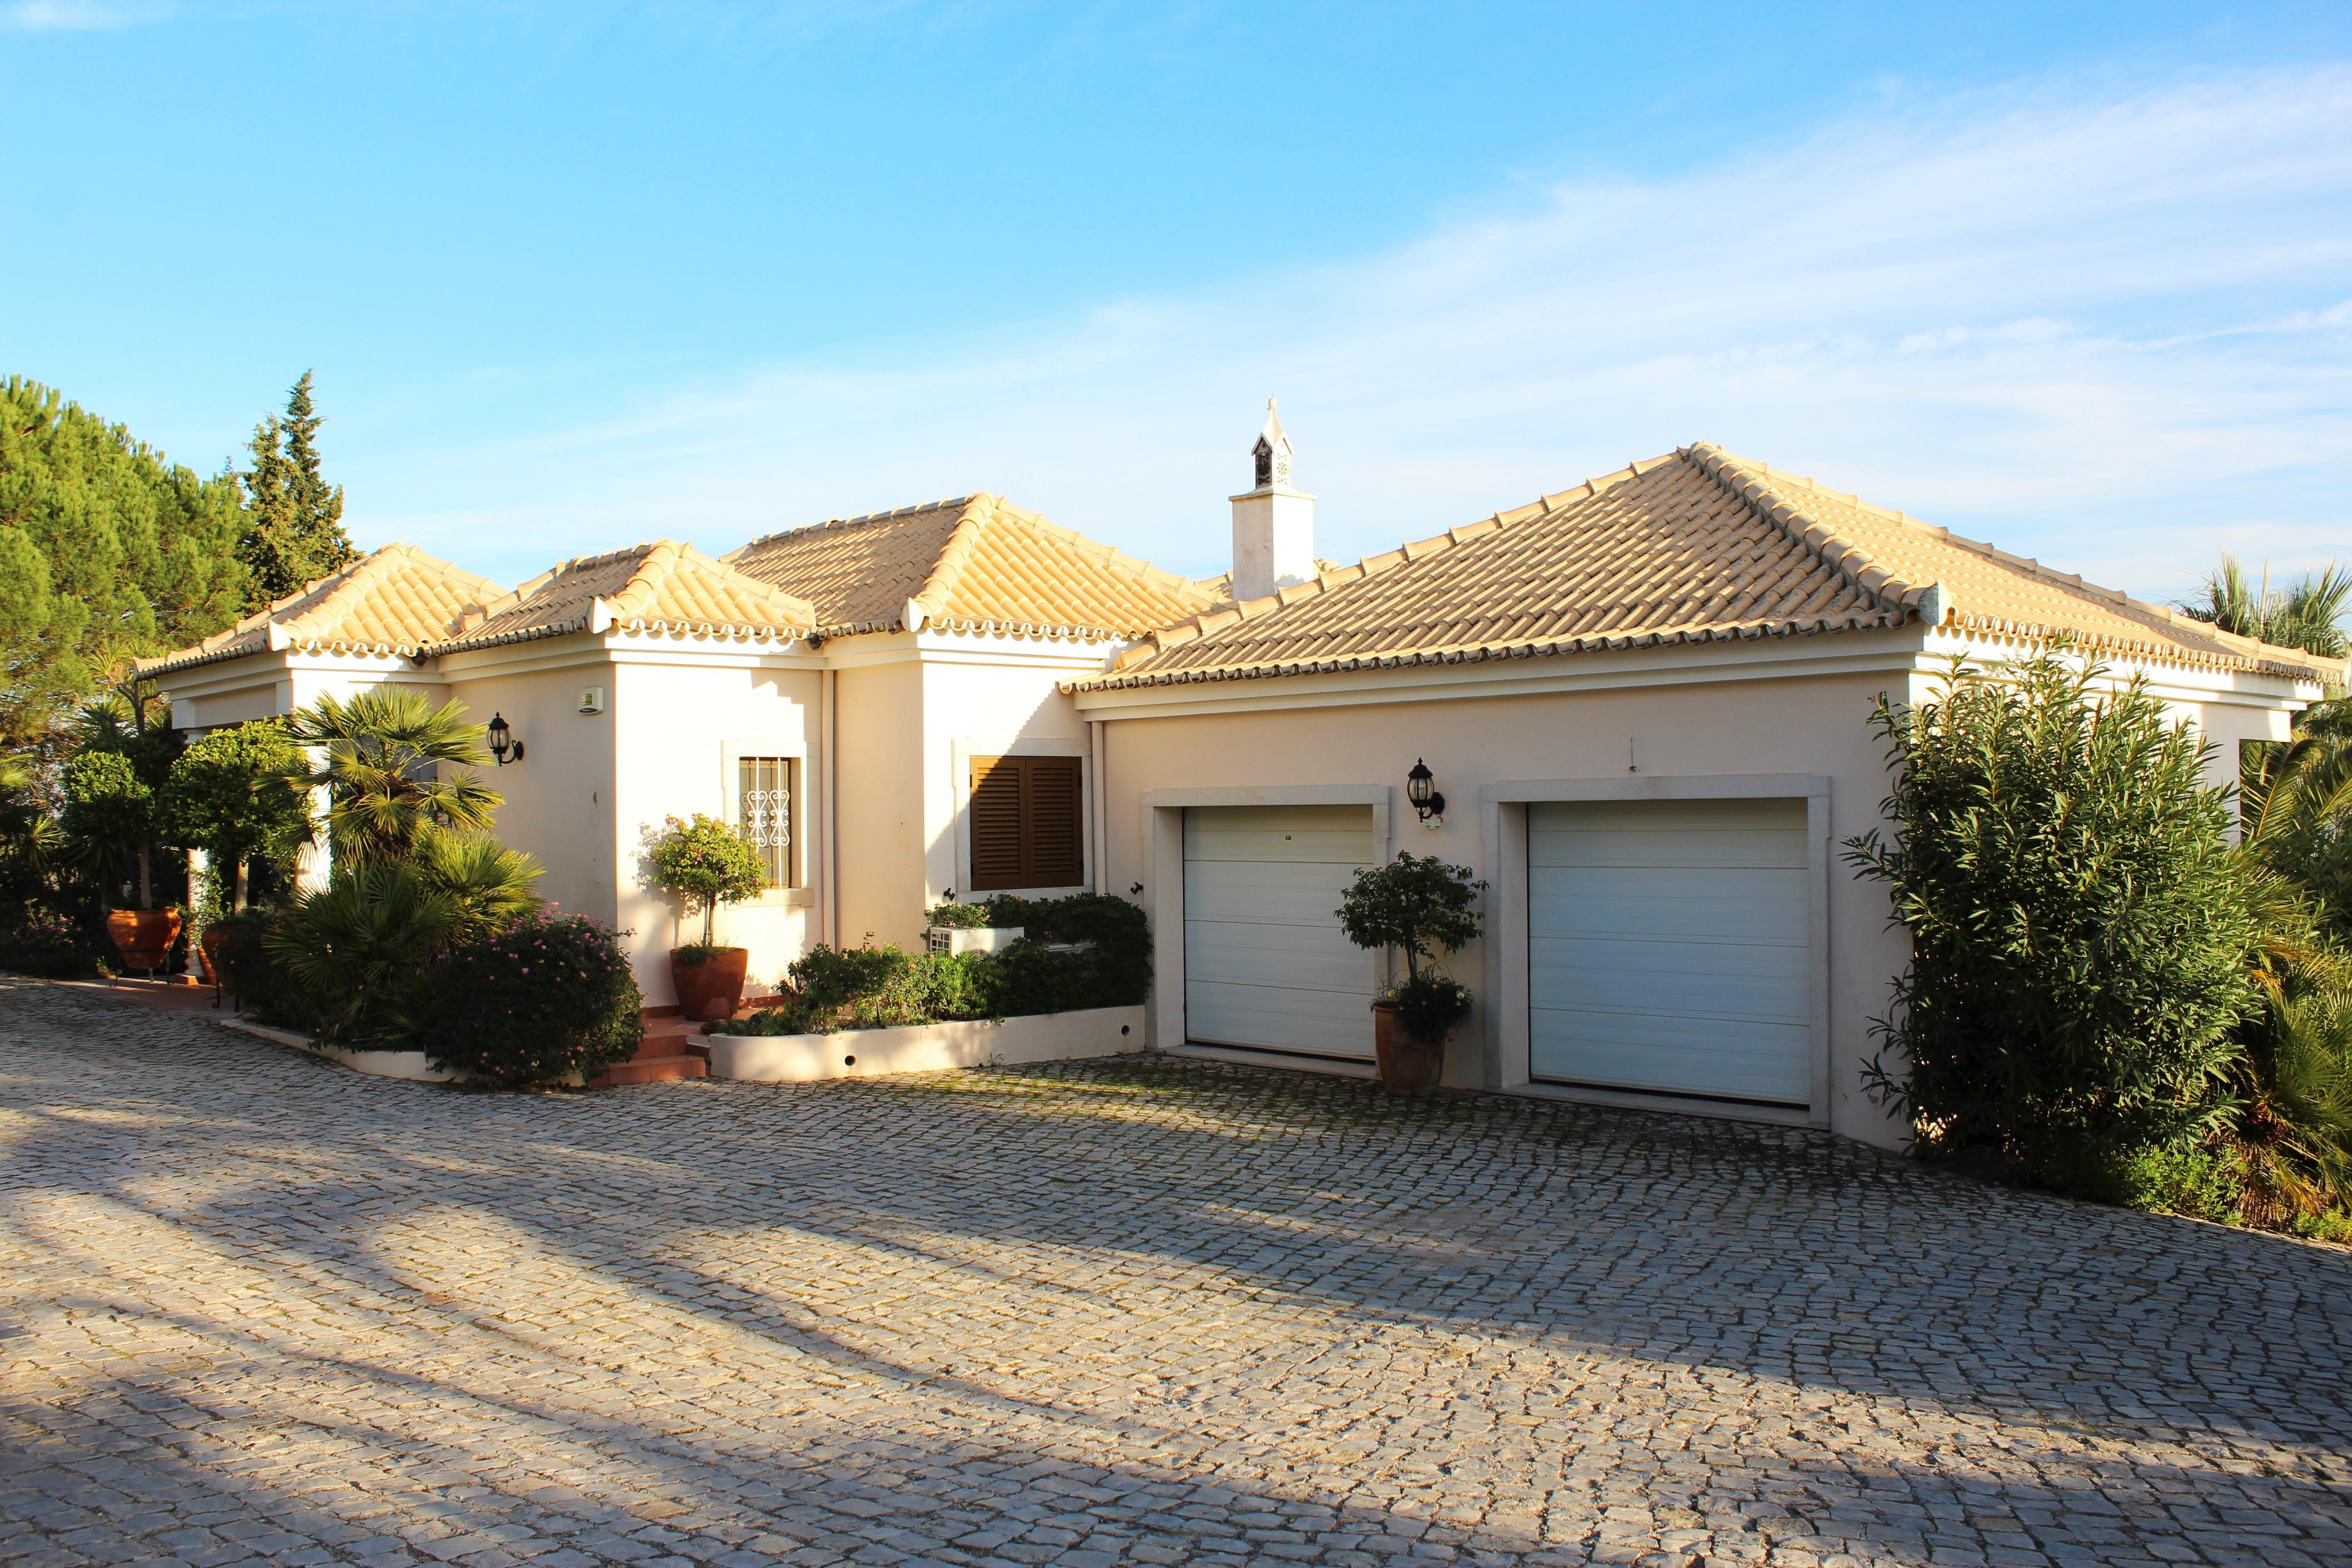 Частный односемейный дом для того Продажа на Detached house, 4 bedrooms, for Sale Faro, Algarve 8005-415 Португалия